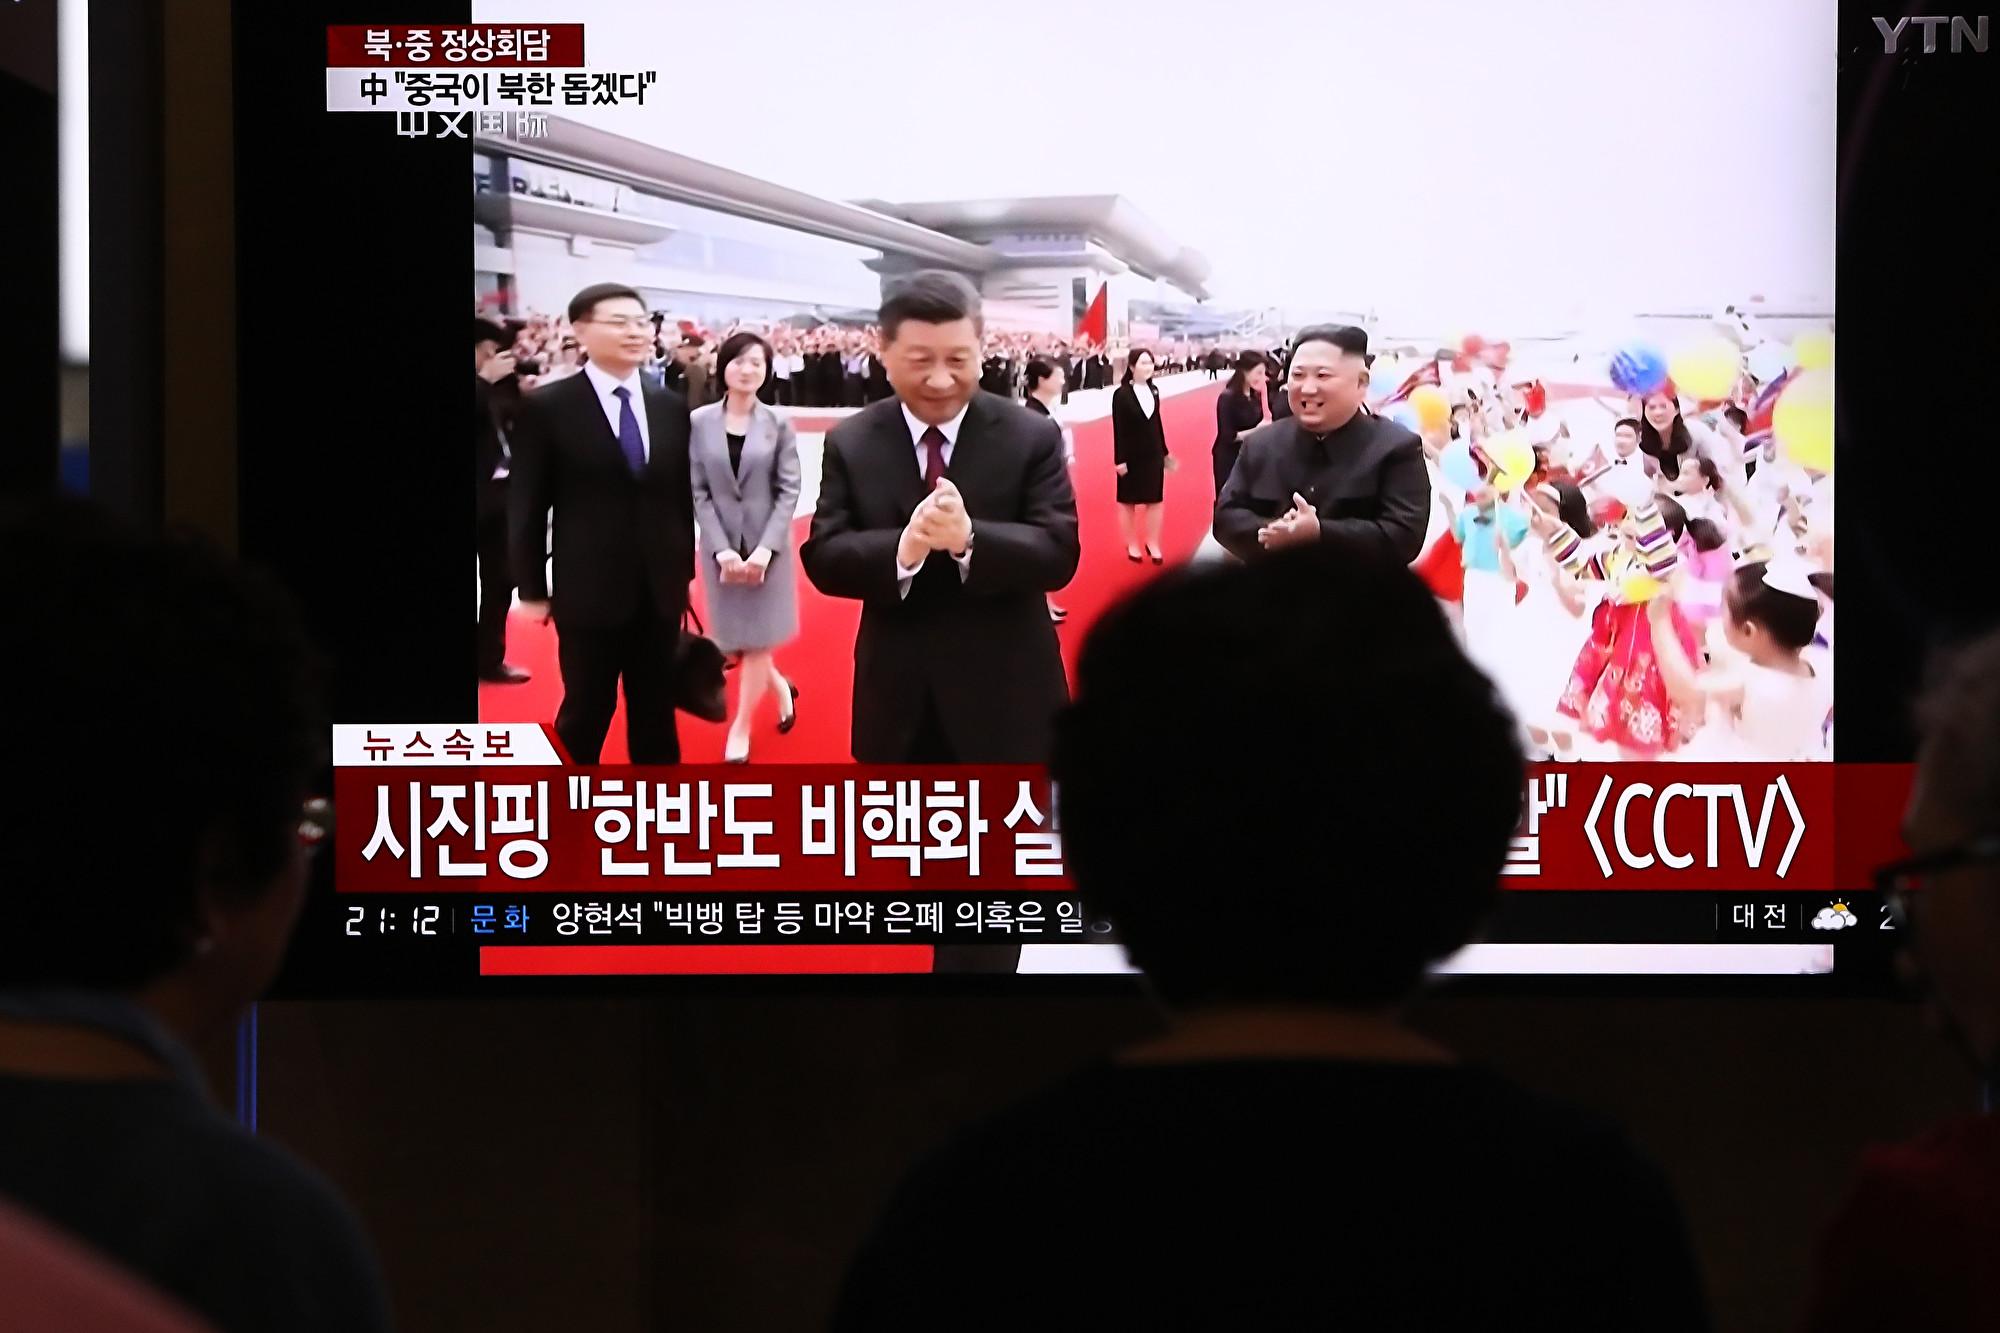 高杉:習近平匆忙訪北韓的考慮與效果